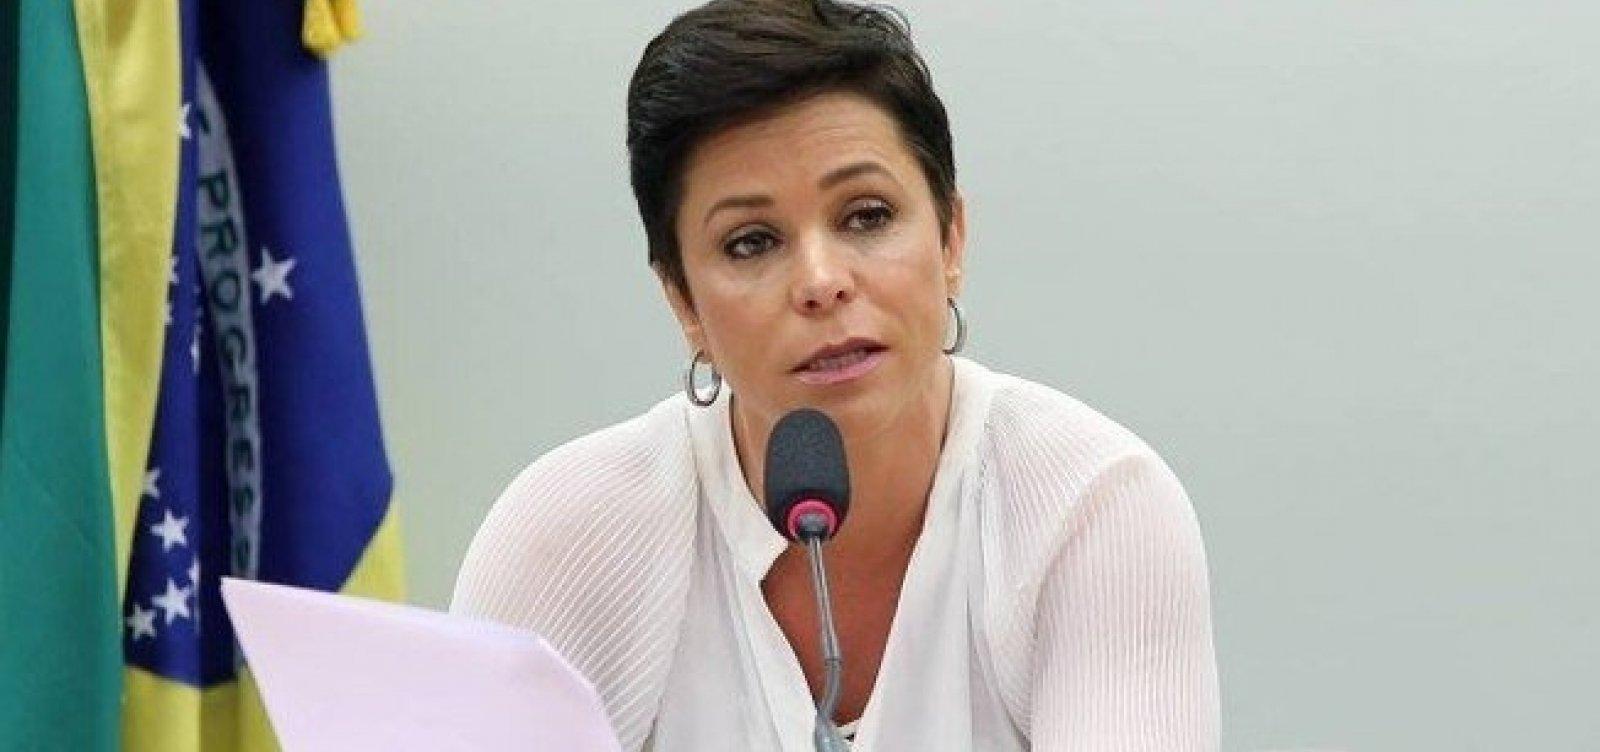 [Mesmo presa, Cristiane Brasil tem candidatura à prefeitura protocolada no TRE]